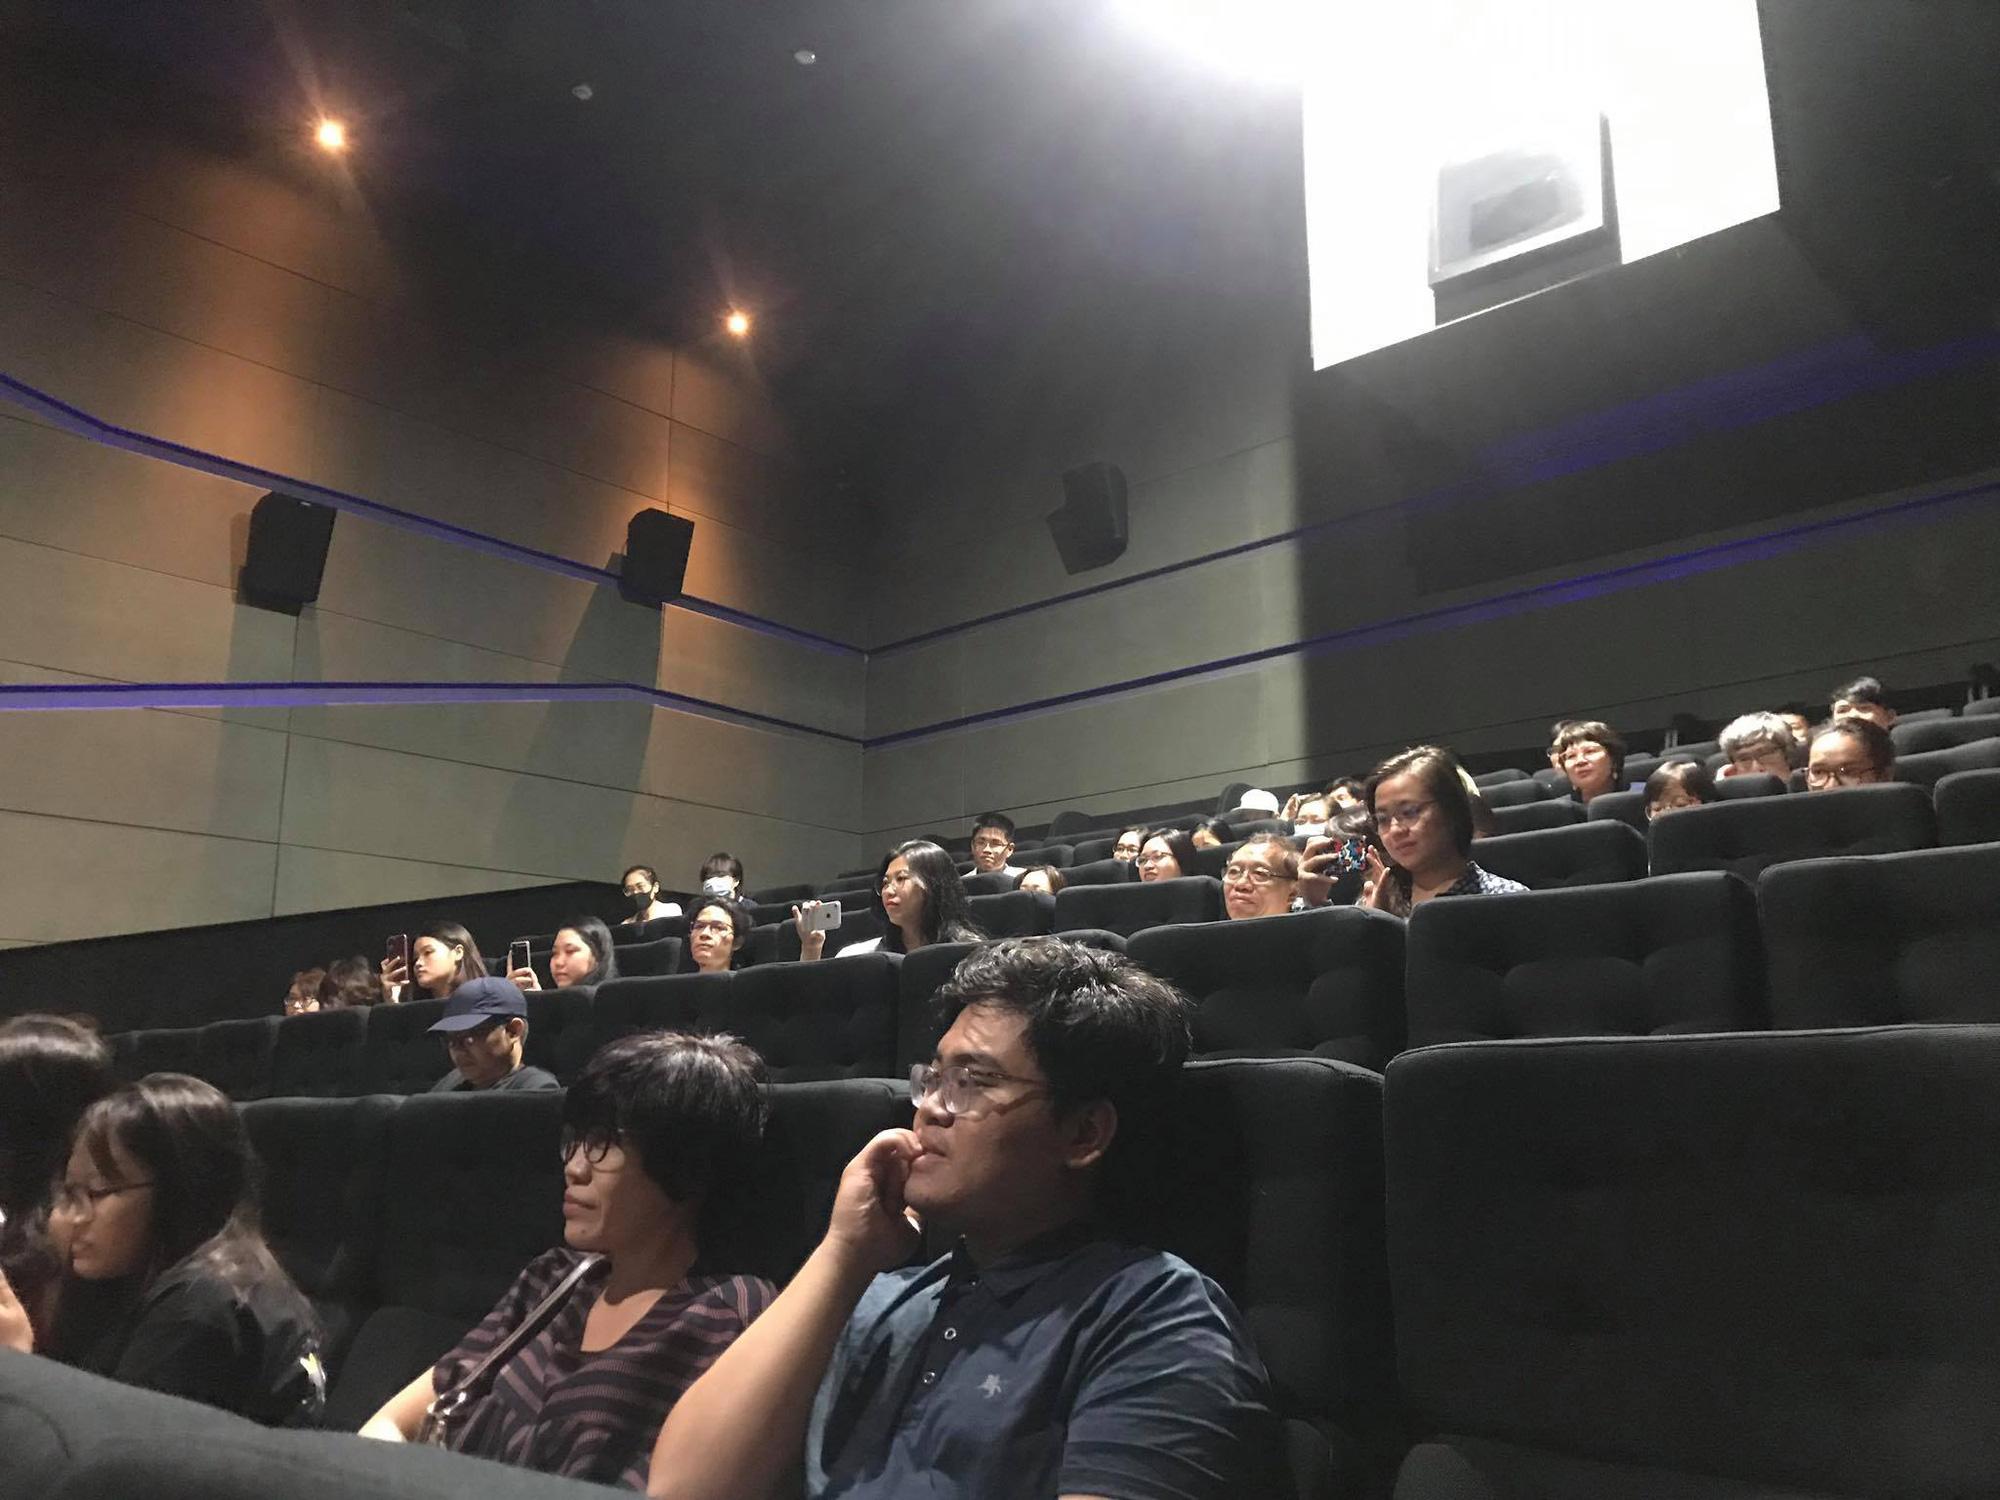 """Mới 2 ngày công chiếu """"Ròm"""" đạt mốc 250.000 vé đạo diễn tức tốc gửi lời cảm ơn đến các nhà đầu tư thiên thần - Ảnh 3."""